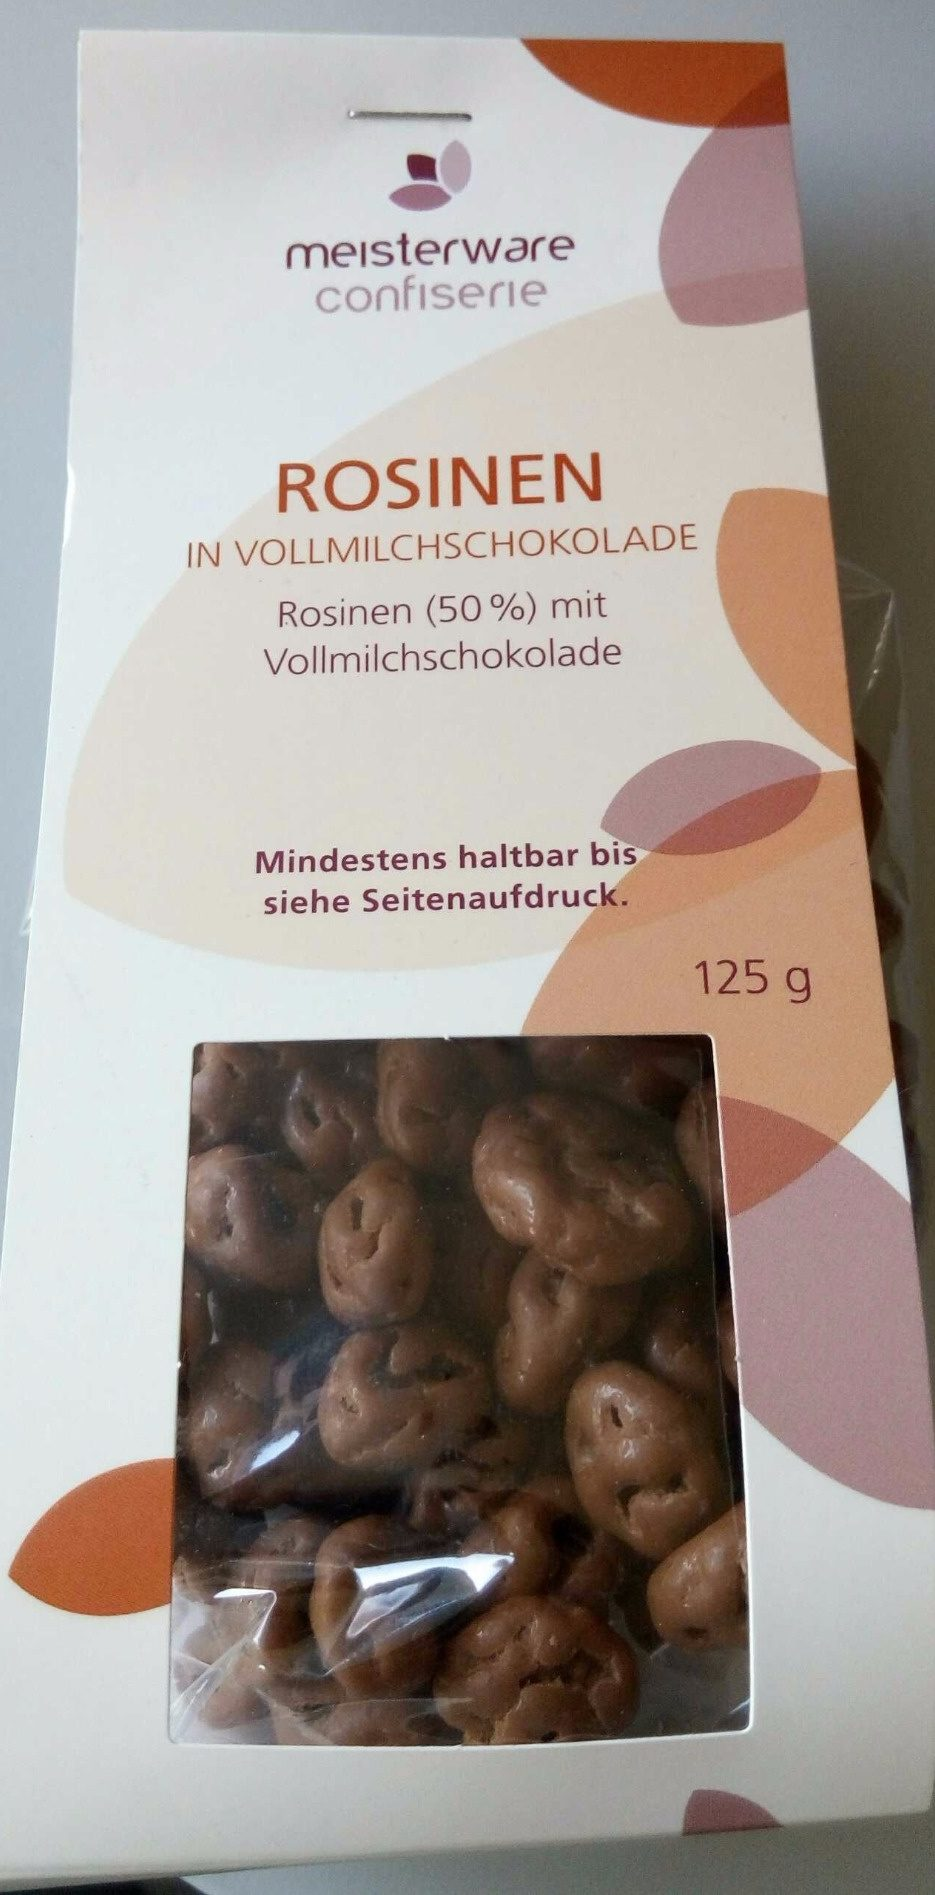 Rosinen in Vollmilchschokolade - Product - de